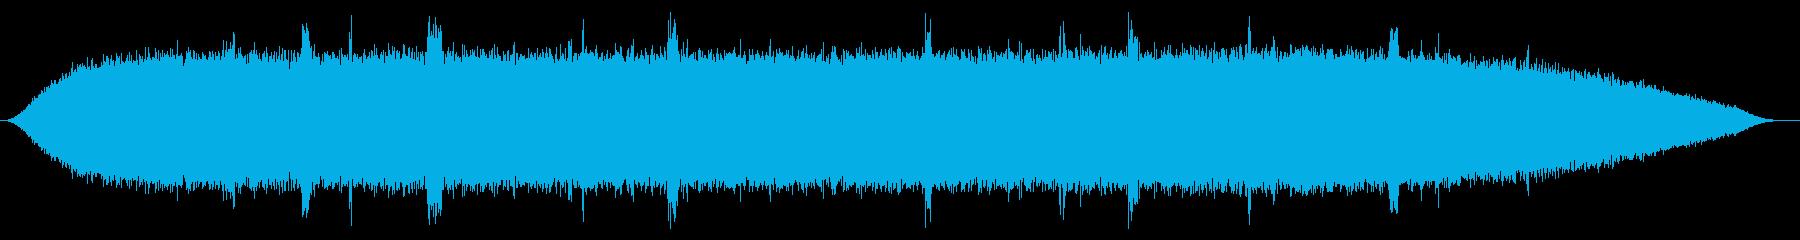 ノイズ (ザーッ+プツプツ)の再生済みの波形